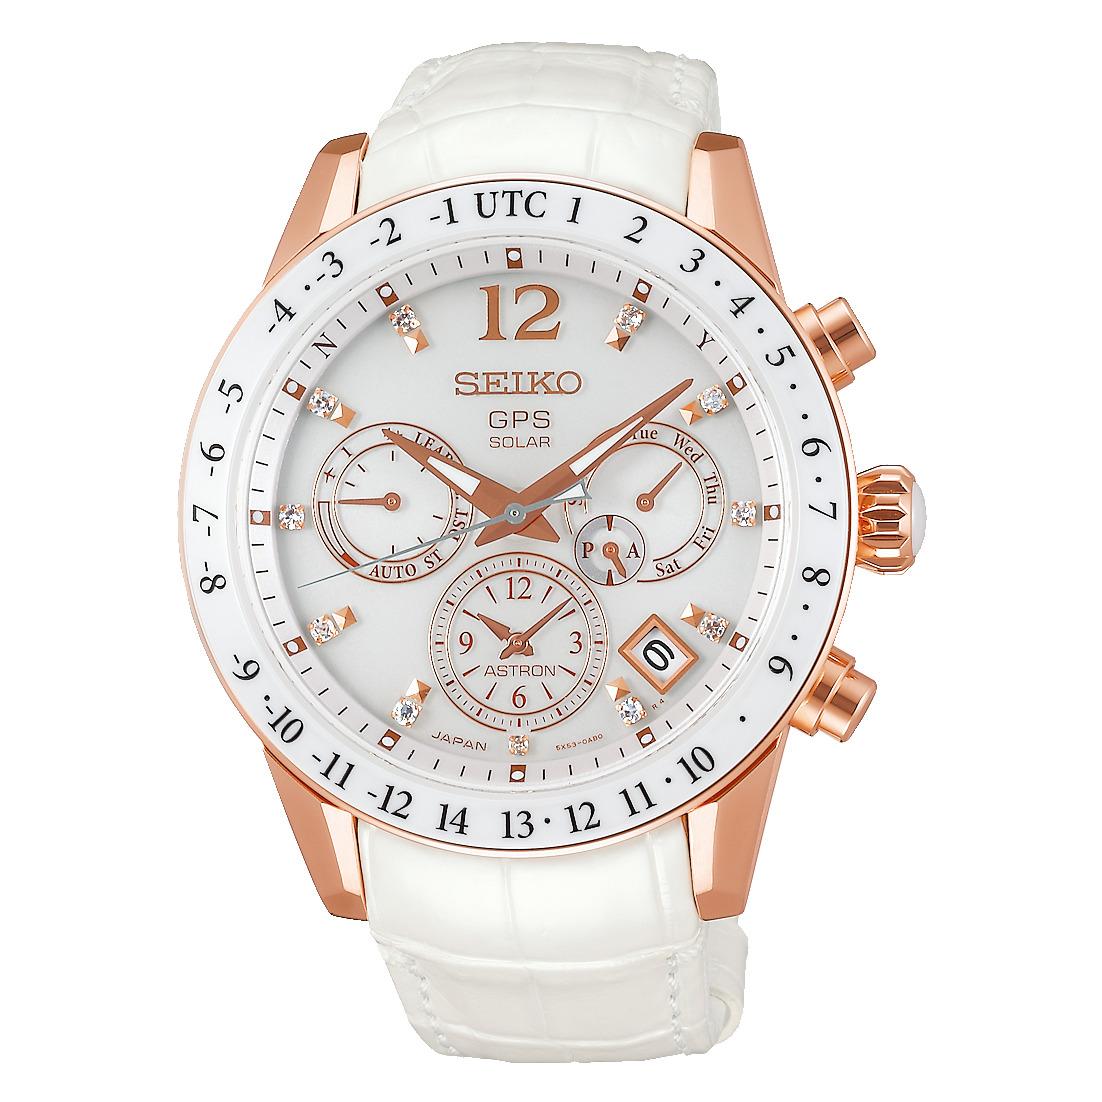 正規品 SEIKO セイコー ASTRON アストロン SBXC004 5xシリーズ レディース 腕時計